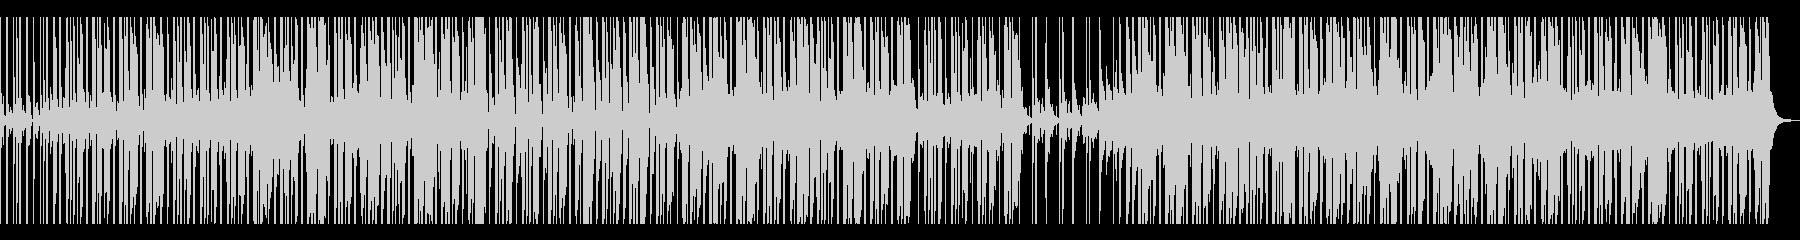 【短いVer7】スローファンクロックの未再生の波形